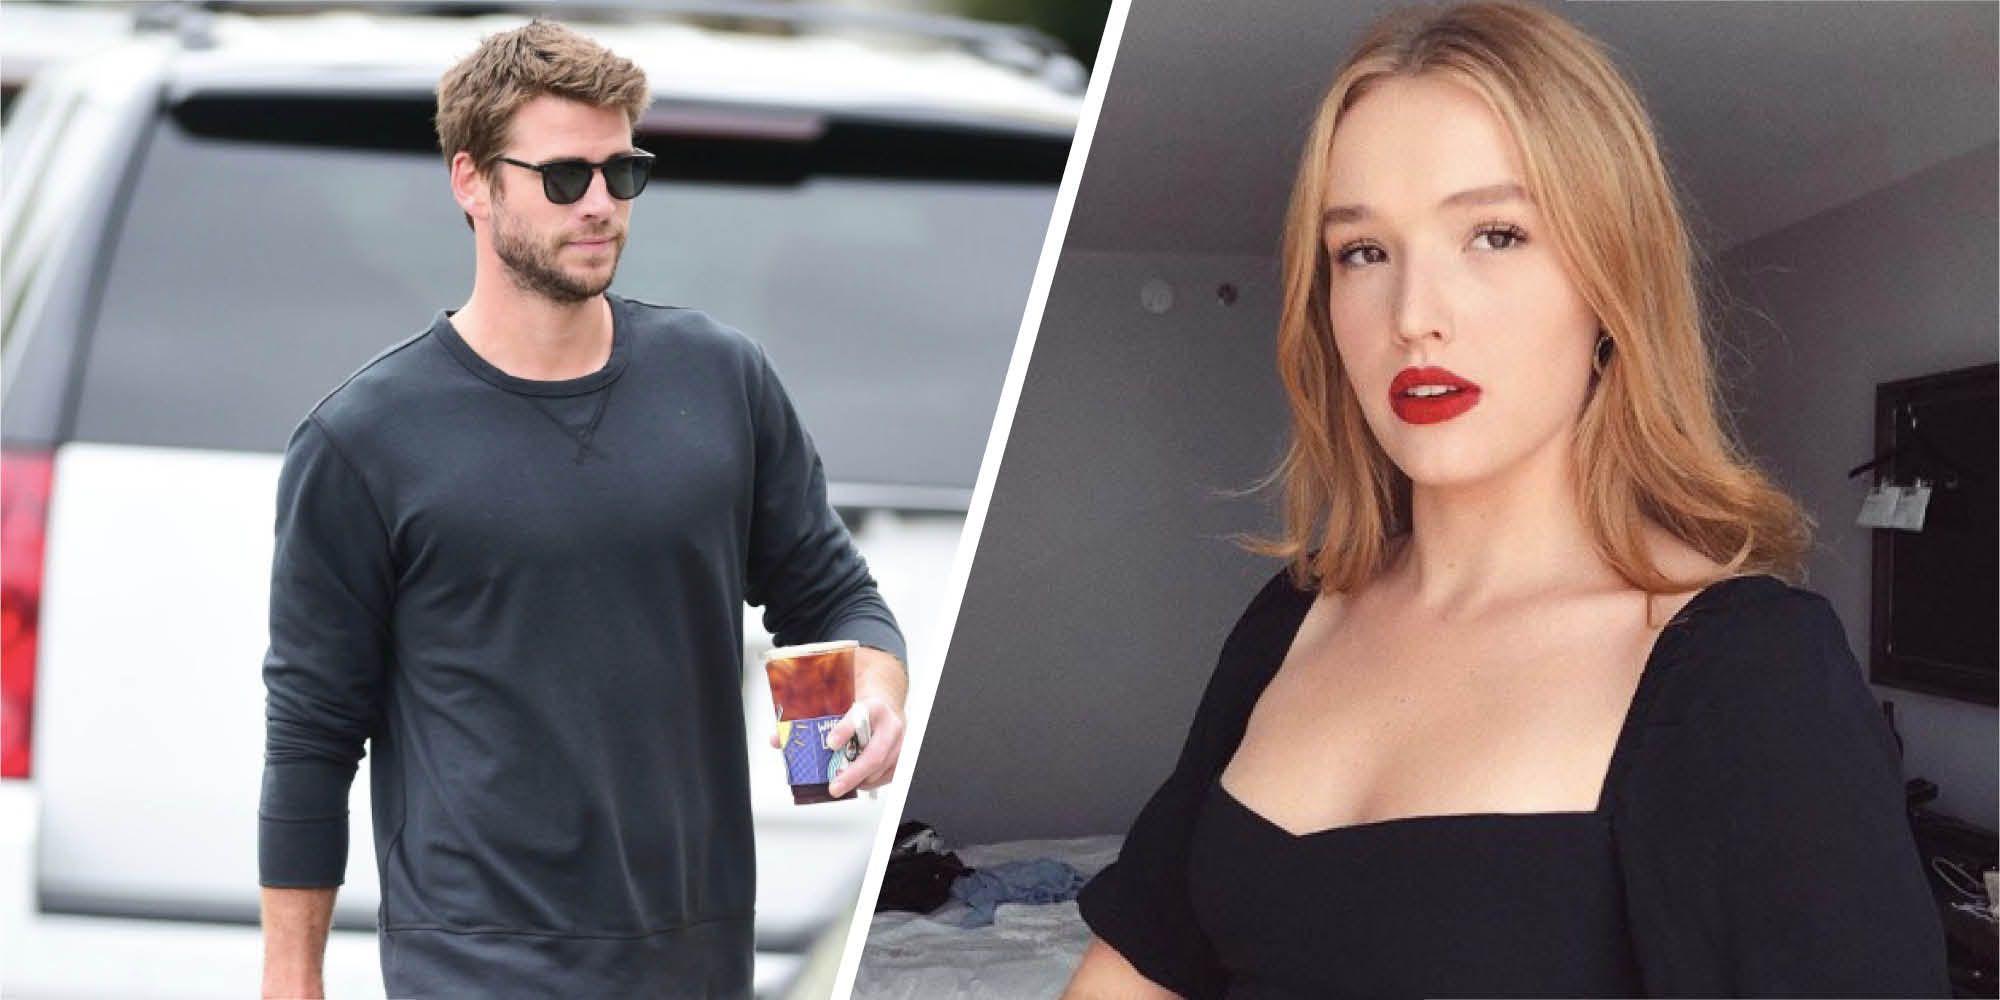 som er dating som Liam Hemsworth Joe og Olivia jkfilms dating